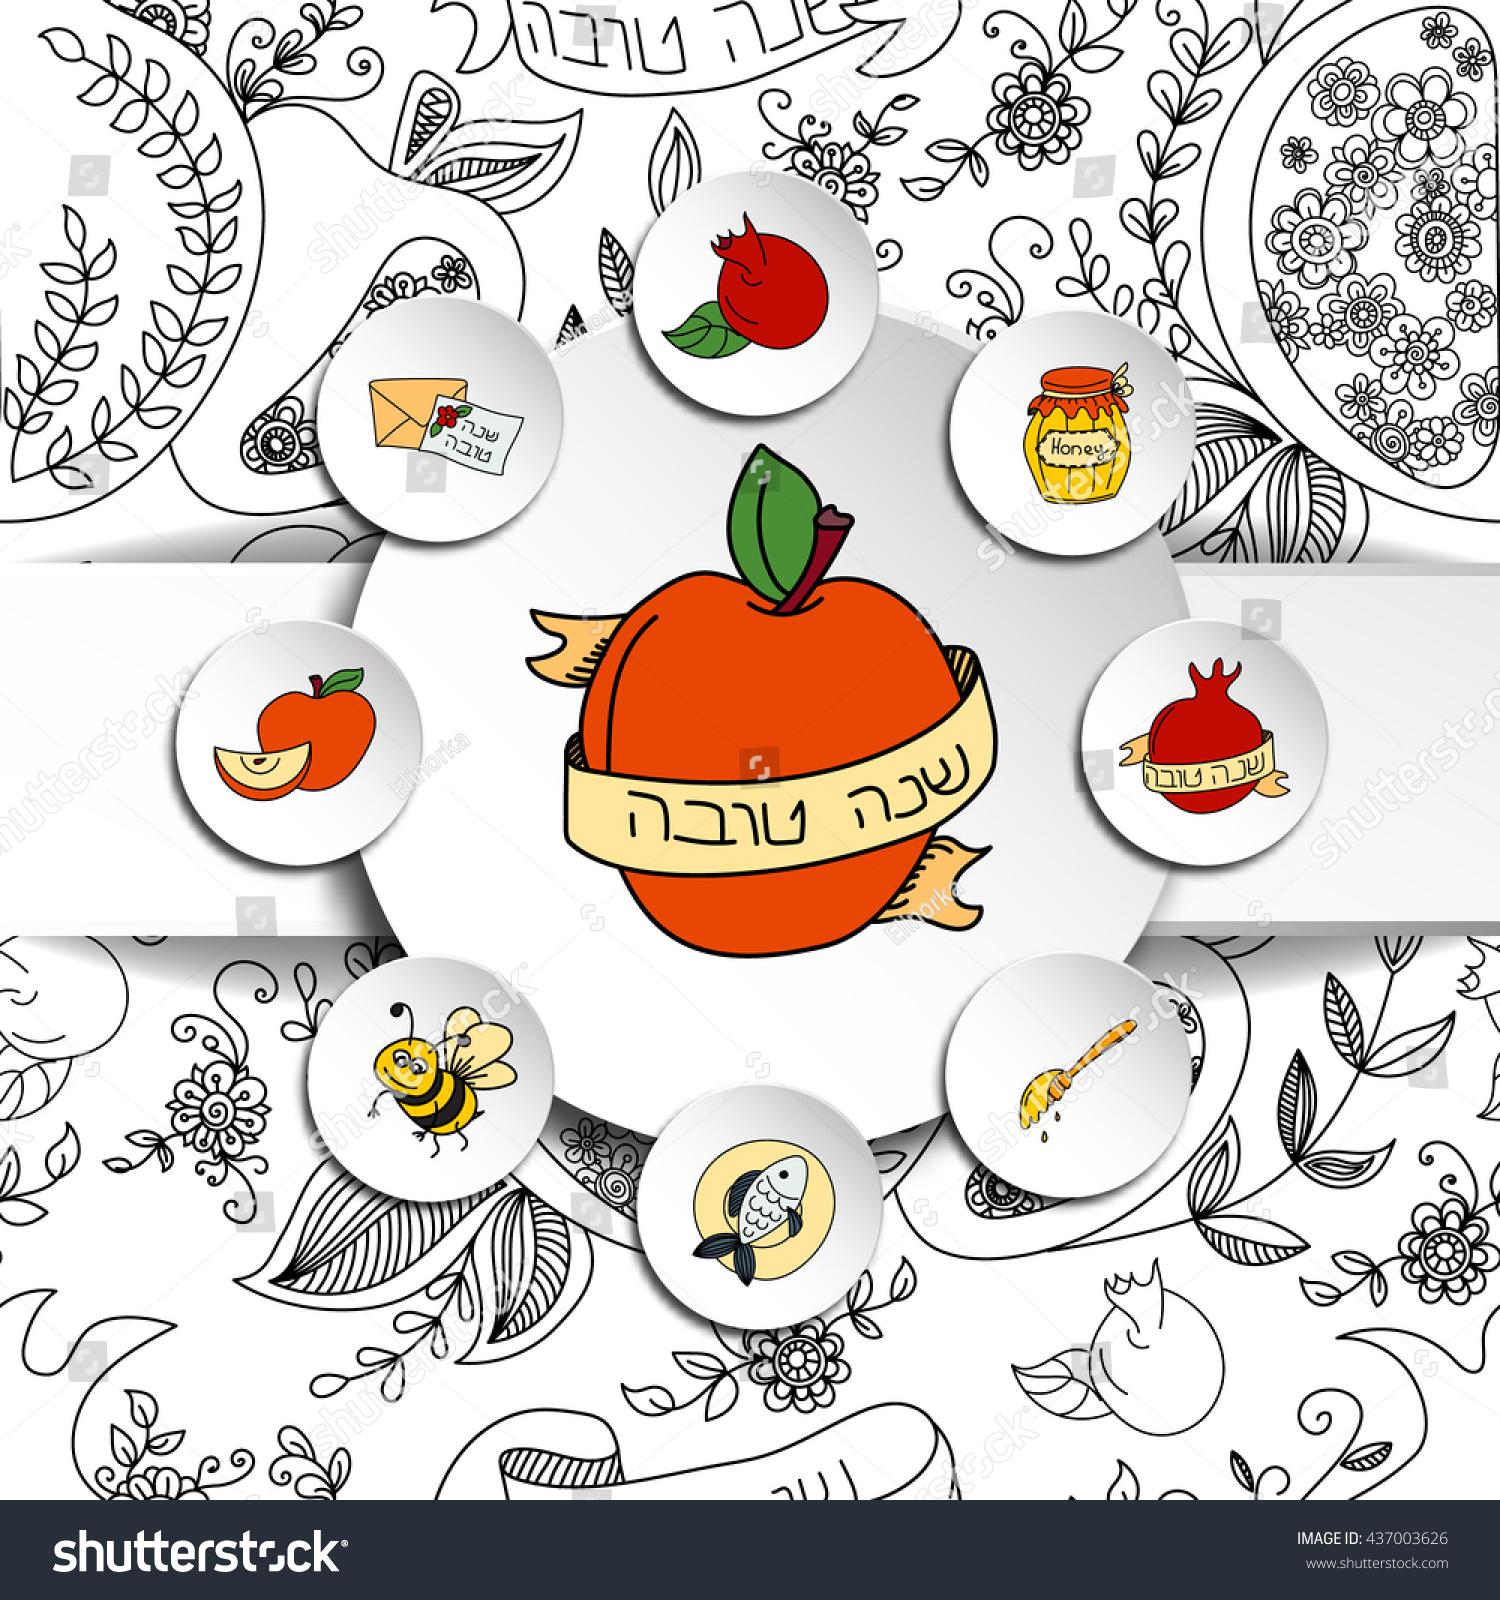 rosh hashanah jewish new year greeting stock vector 437003626